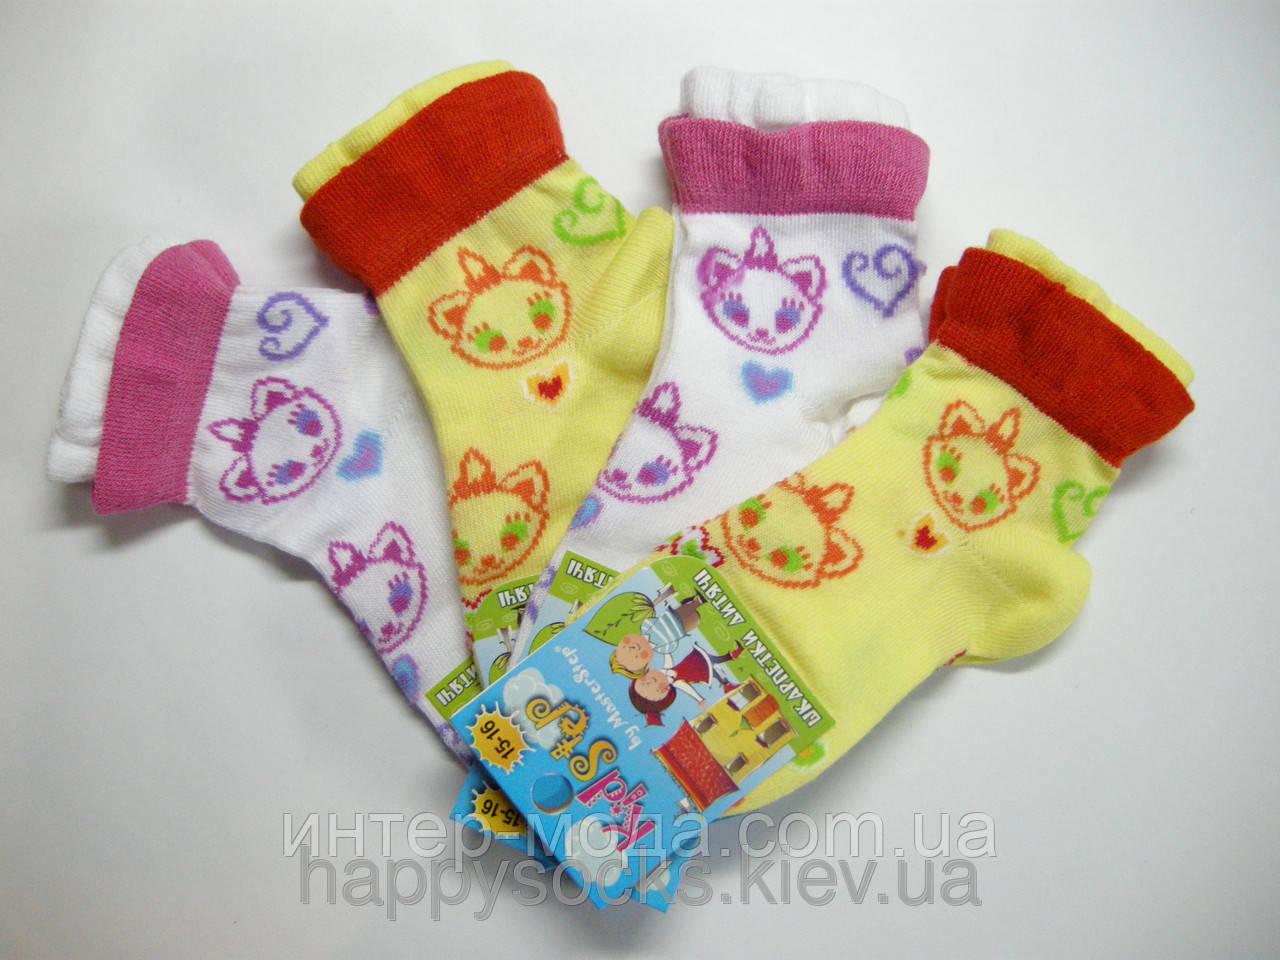 Шкарпетки дитячі з малюнком р. 8 арт.807